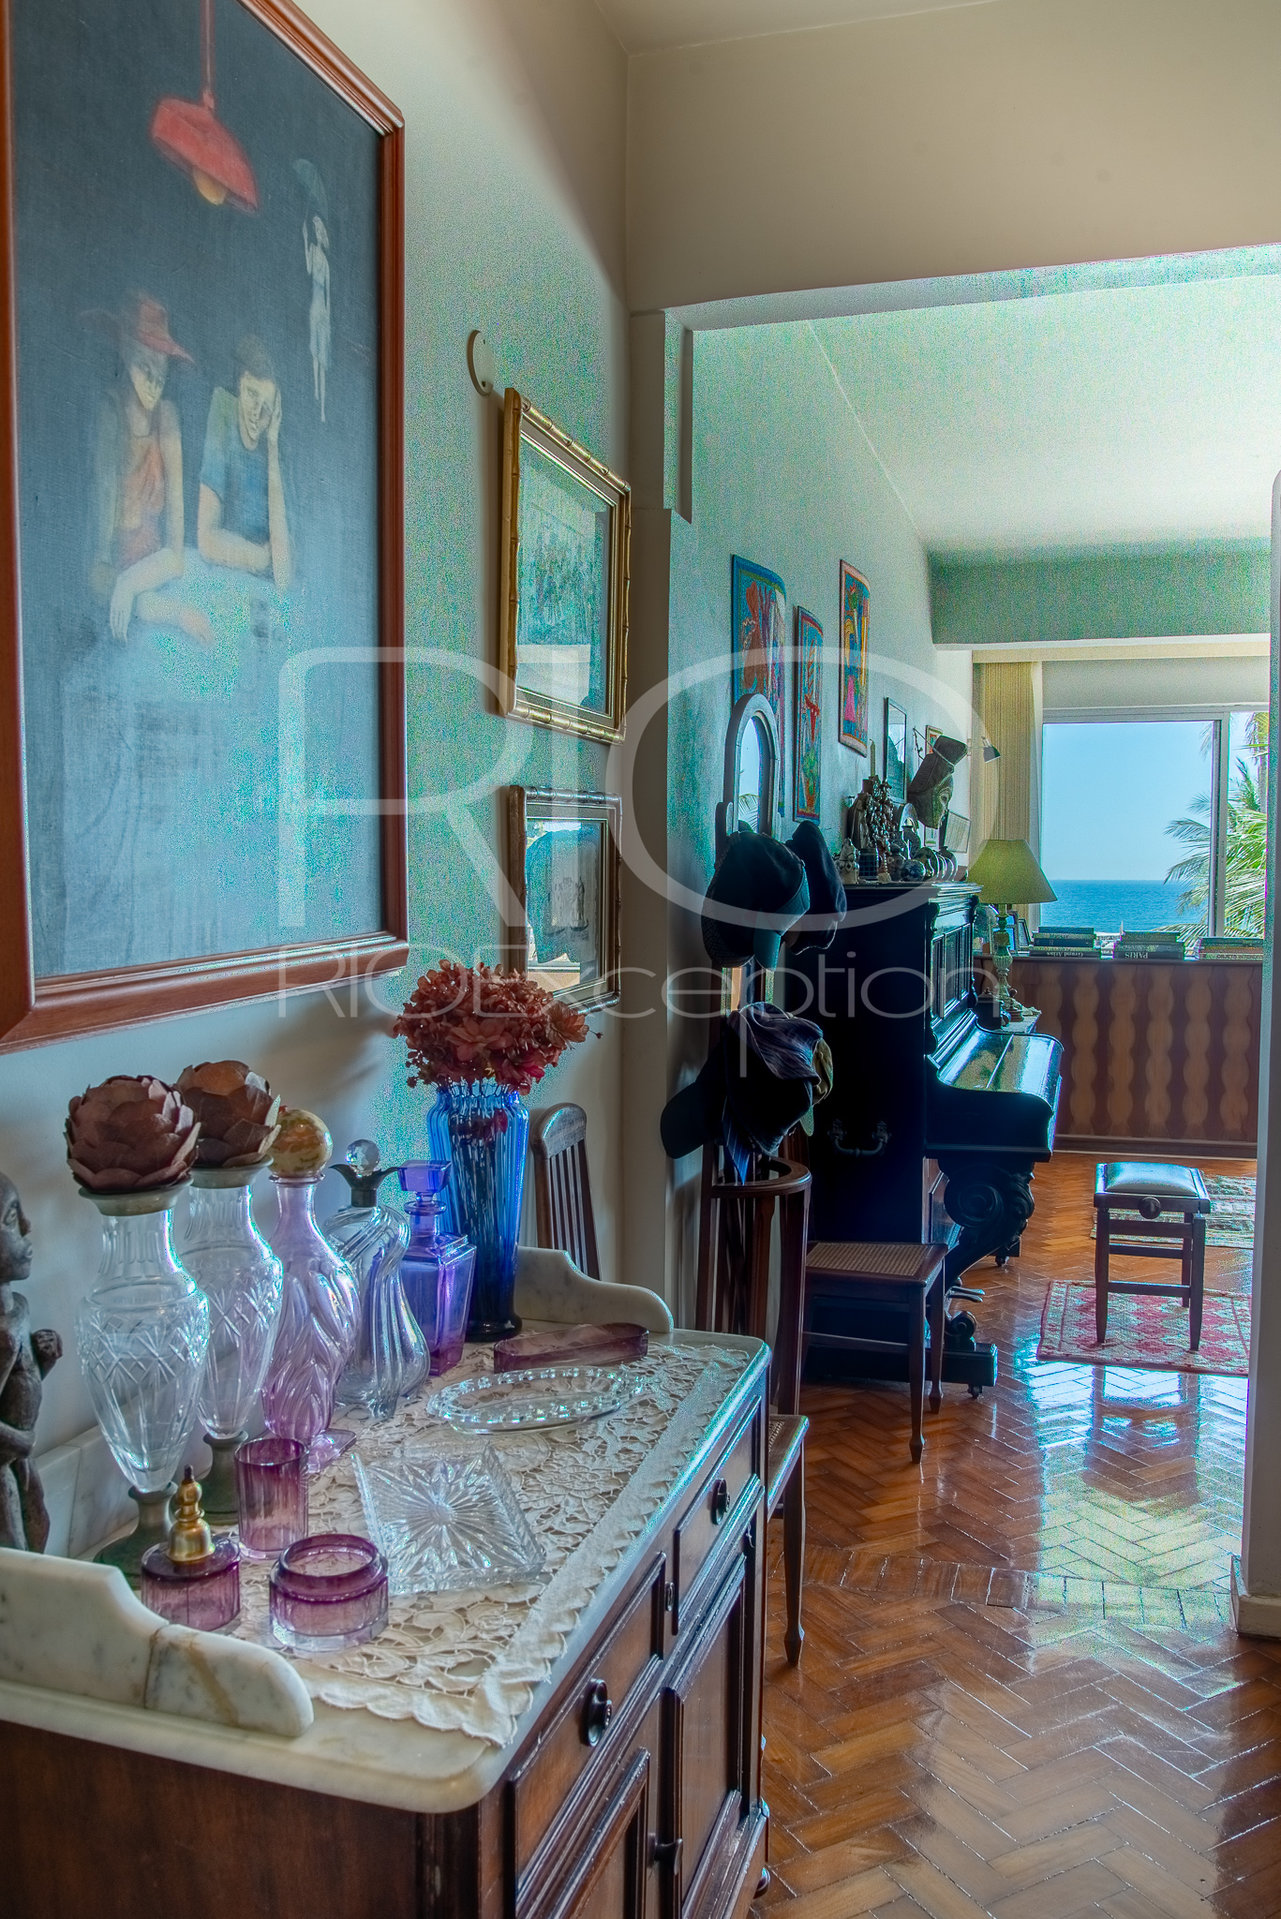 Atlantica Posto 5 - Beautiful apartment 4 rooms